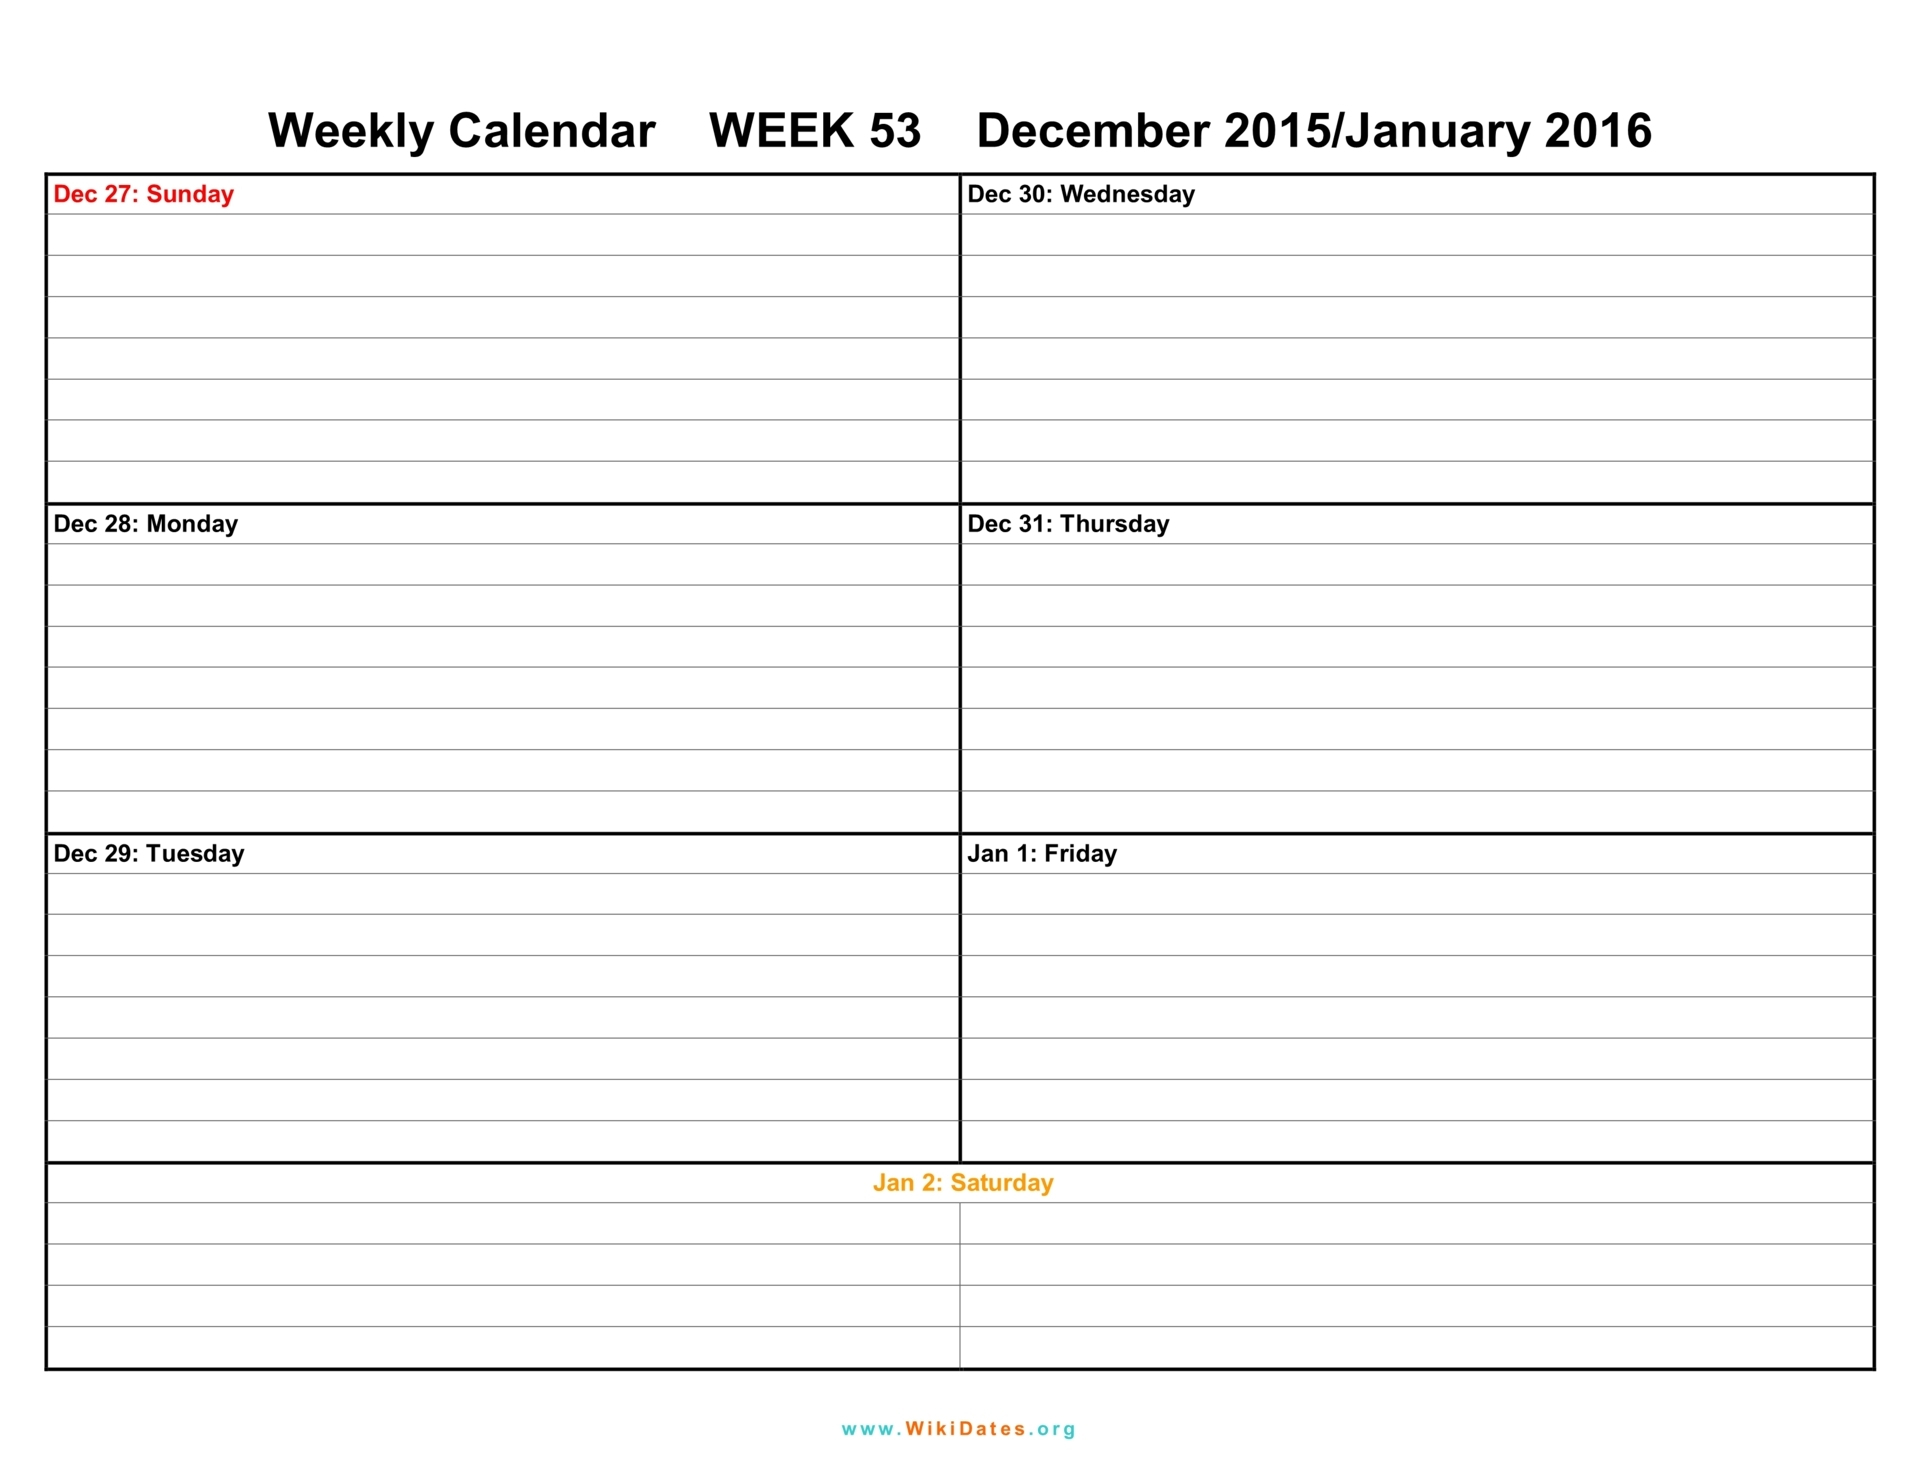 Pdf-Printable-Weekly-Calendar-Template-July with Printable Blank Weekly Calendars Templates